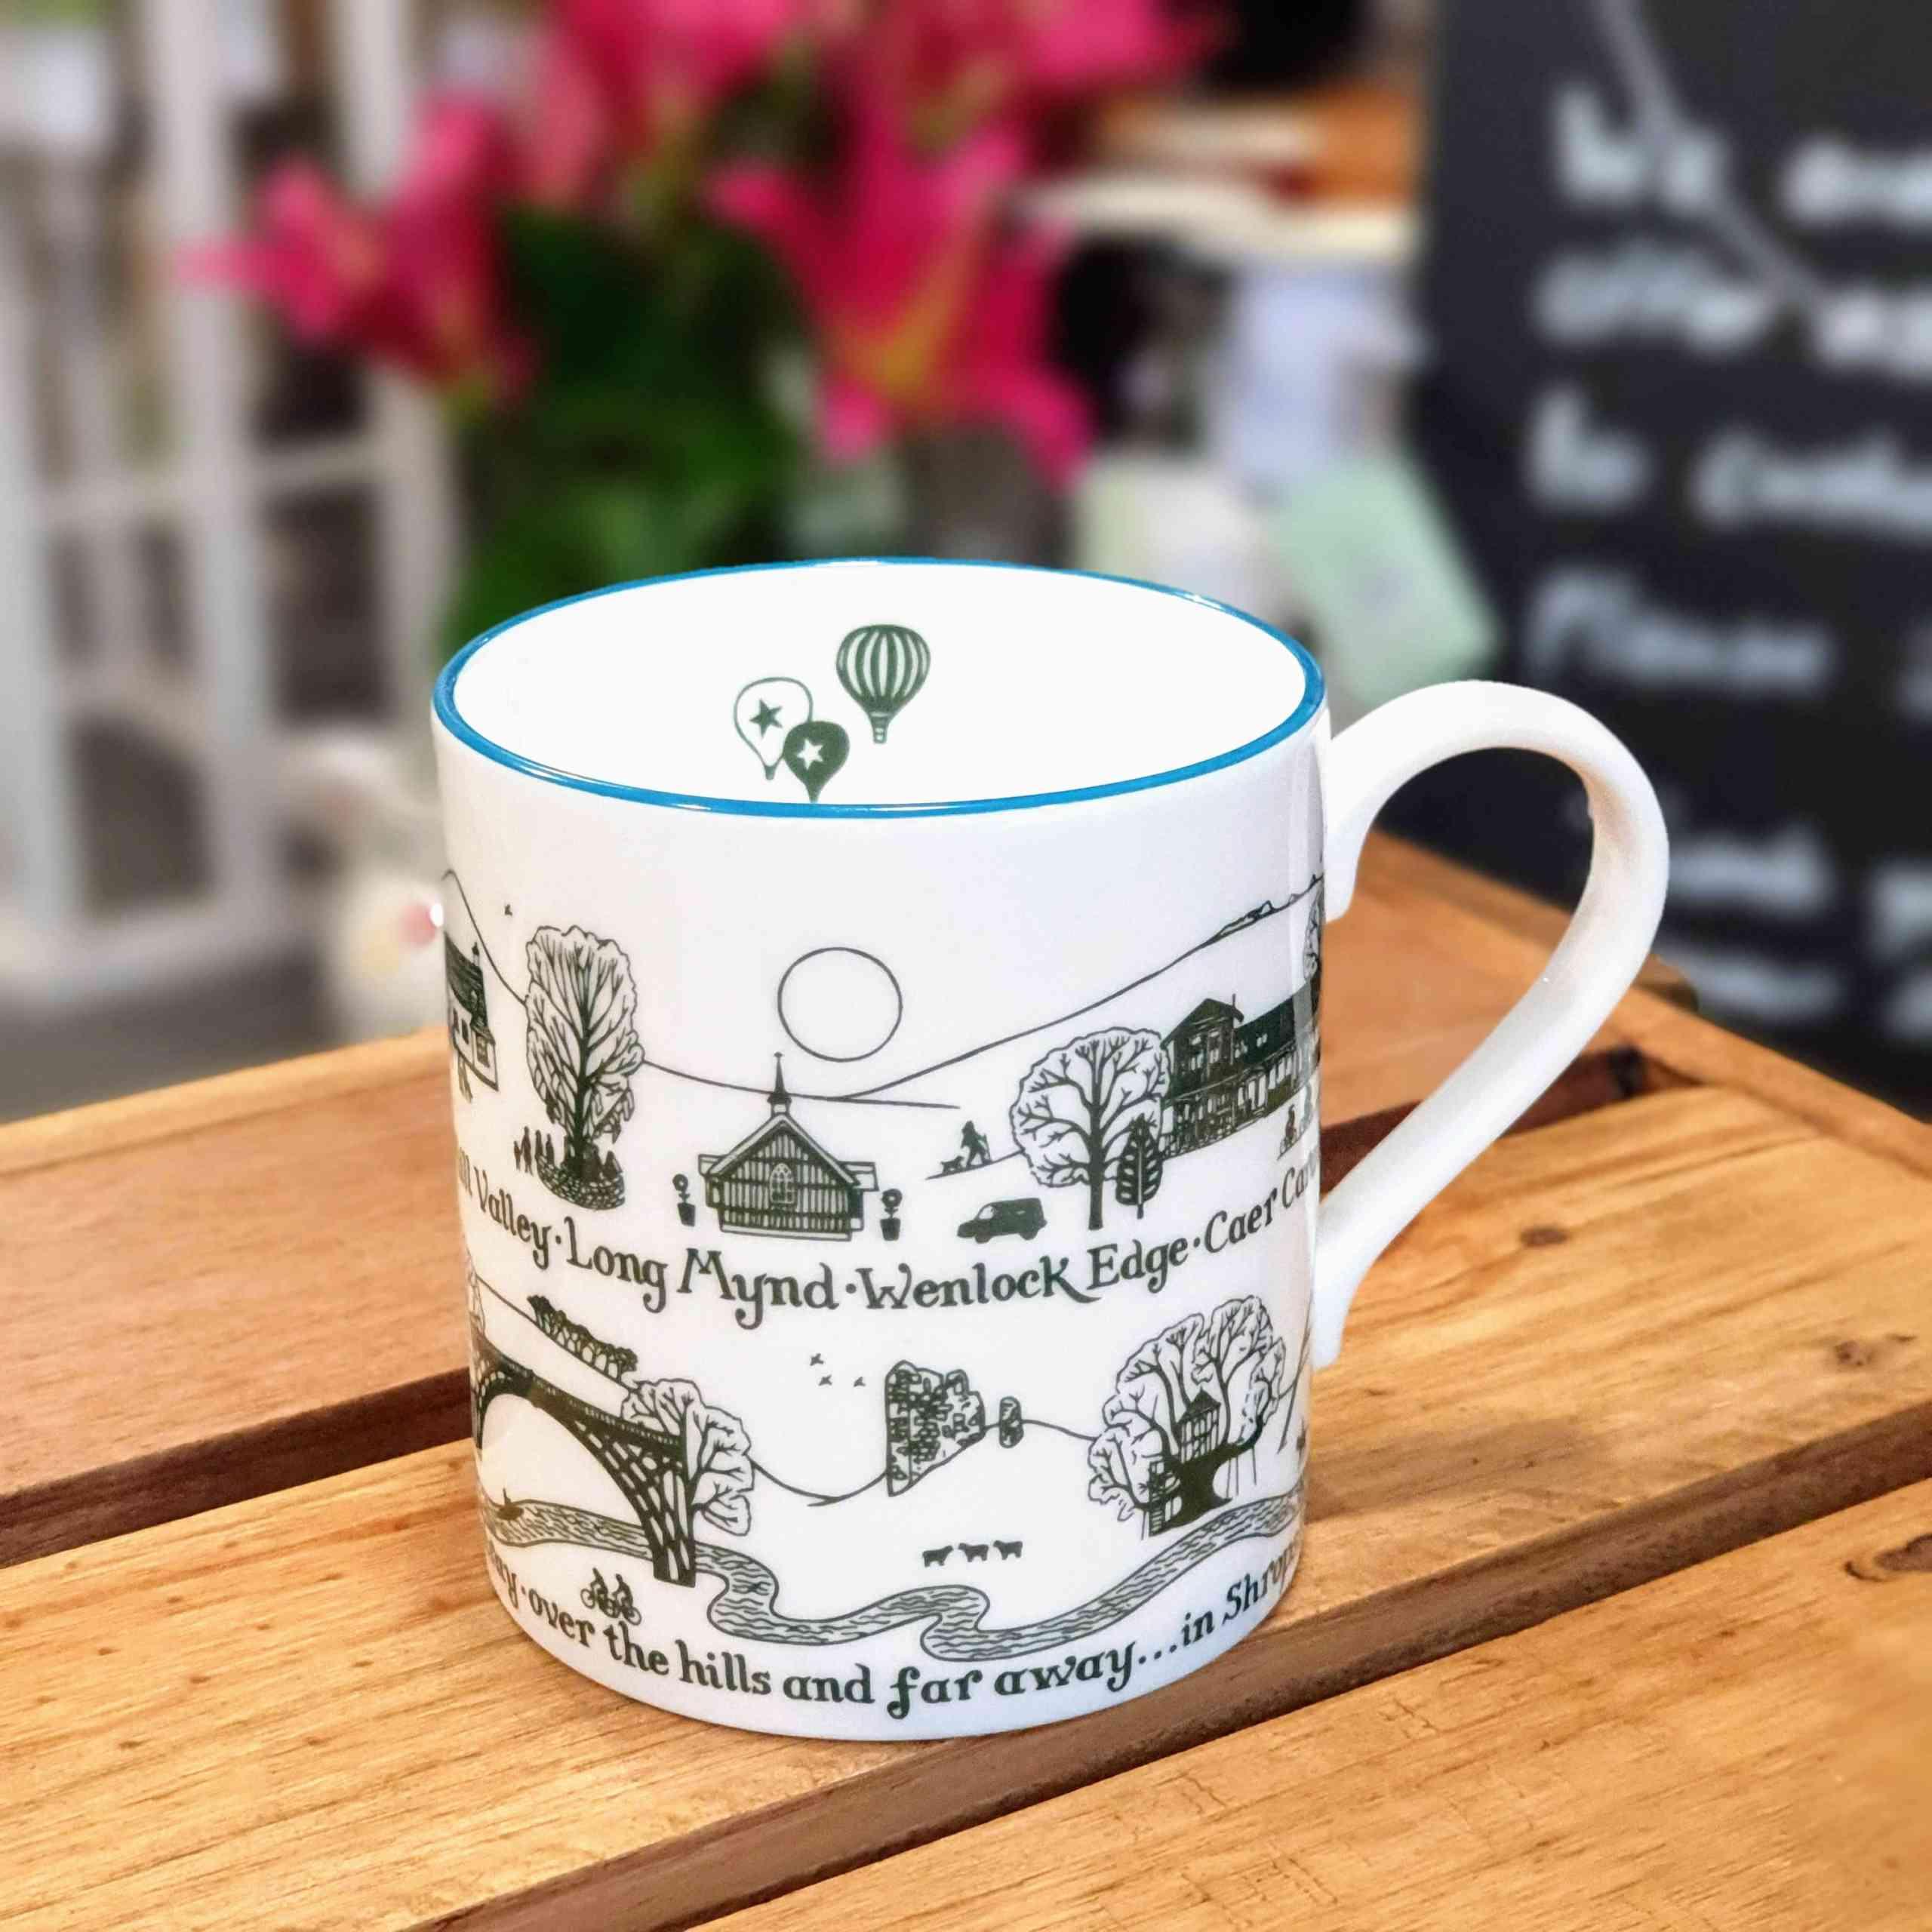 Shropshire balloons china mug